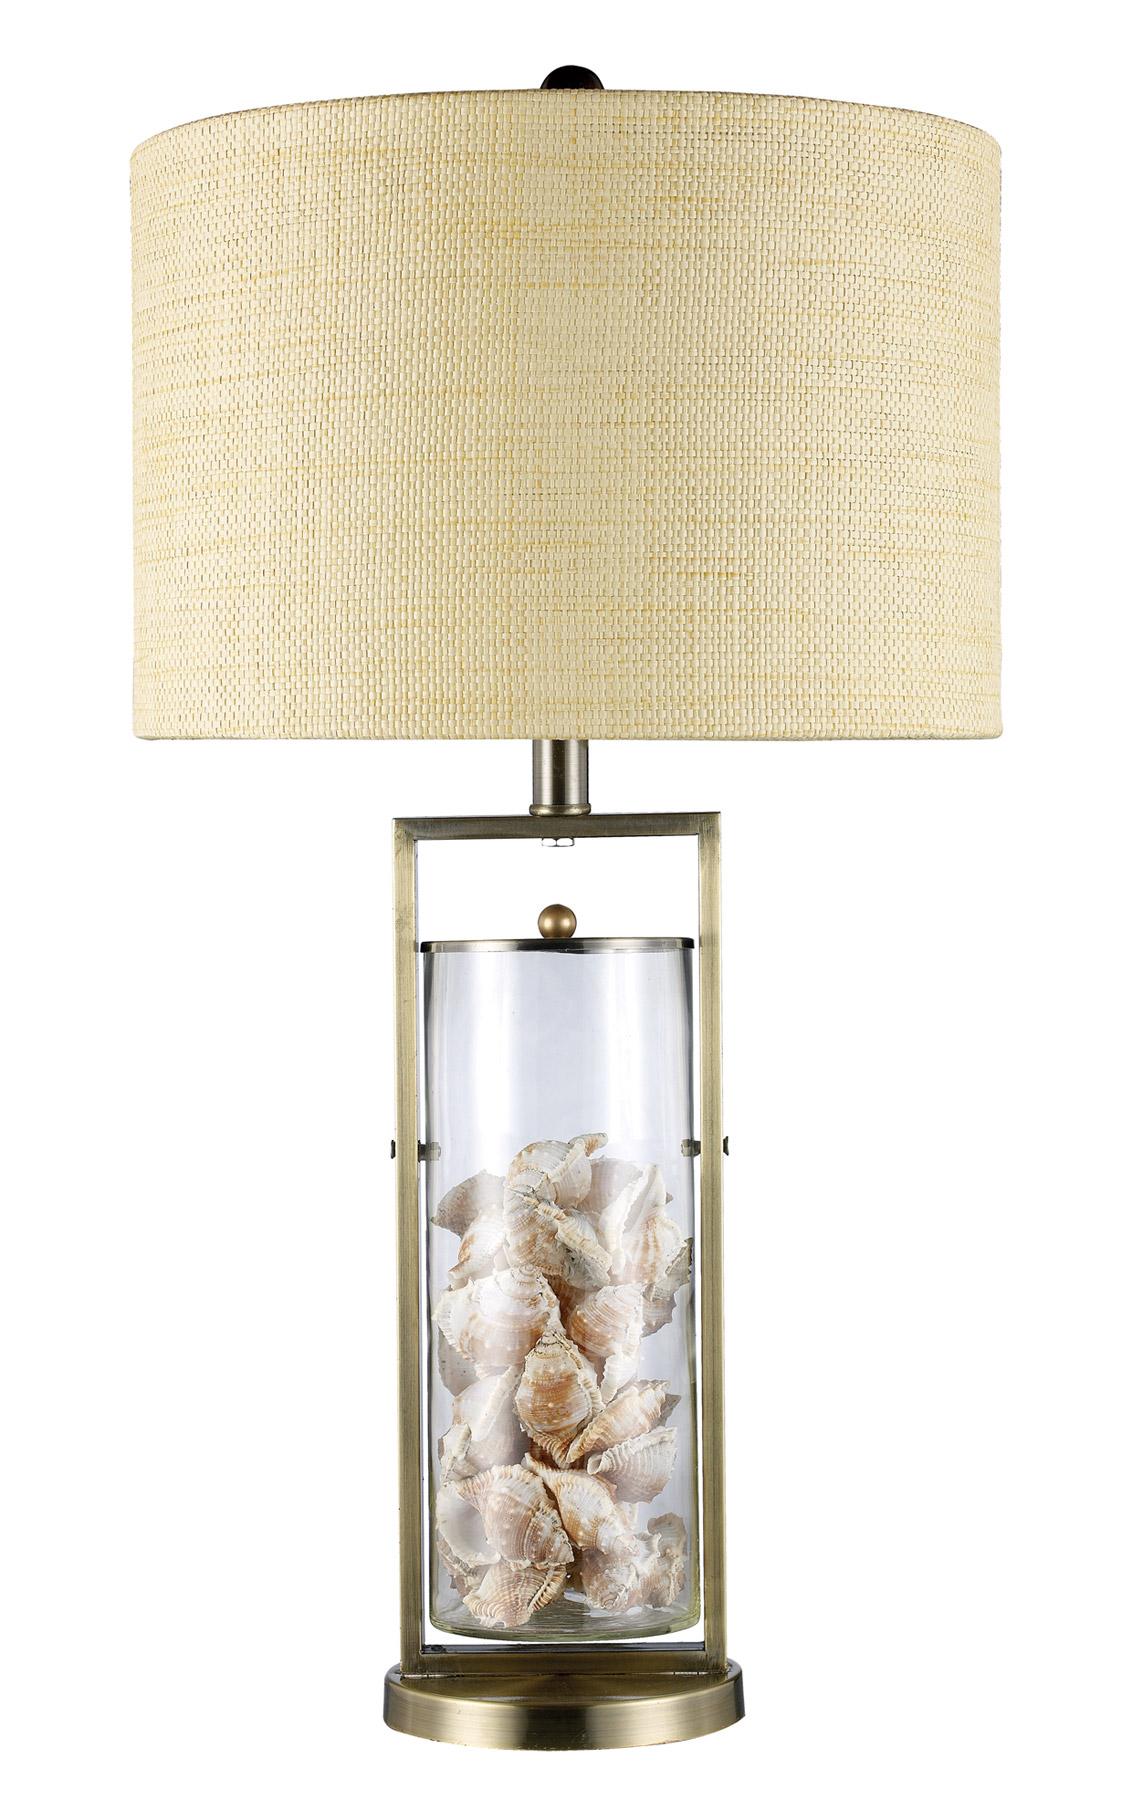 D1978 Millisle Seashells Table Lamp